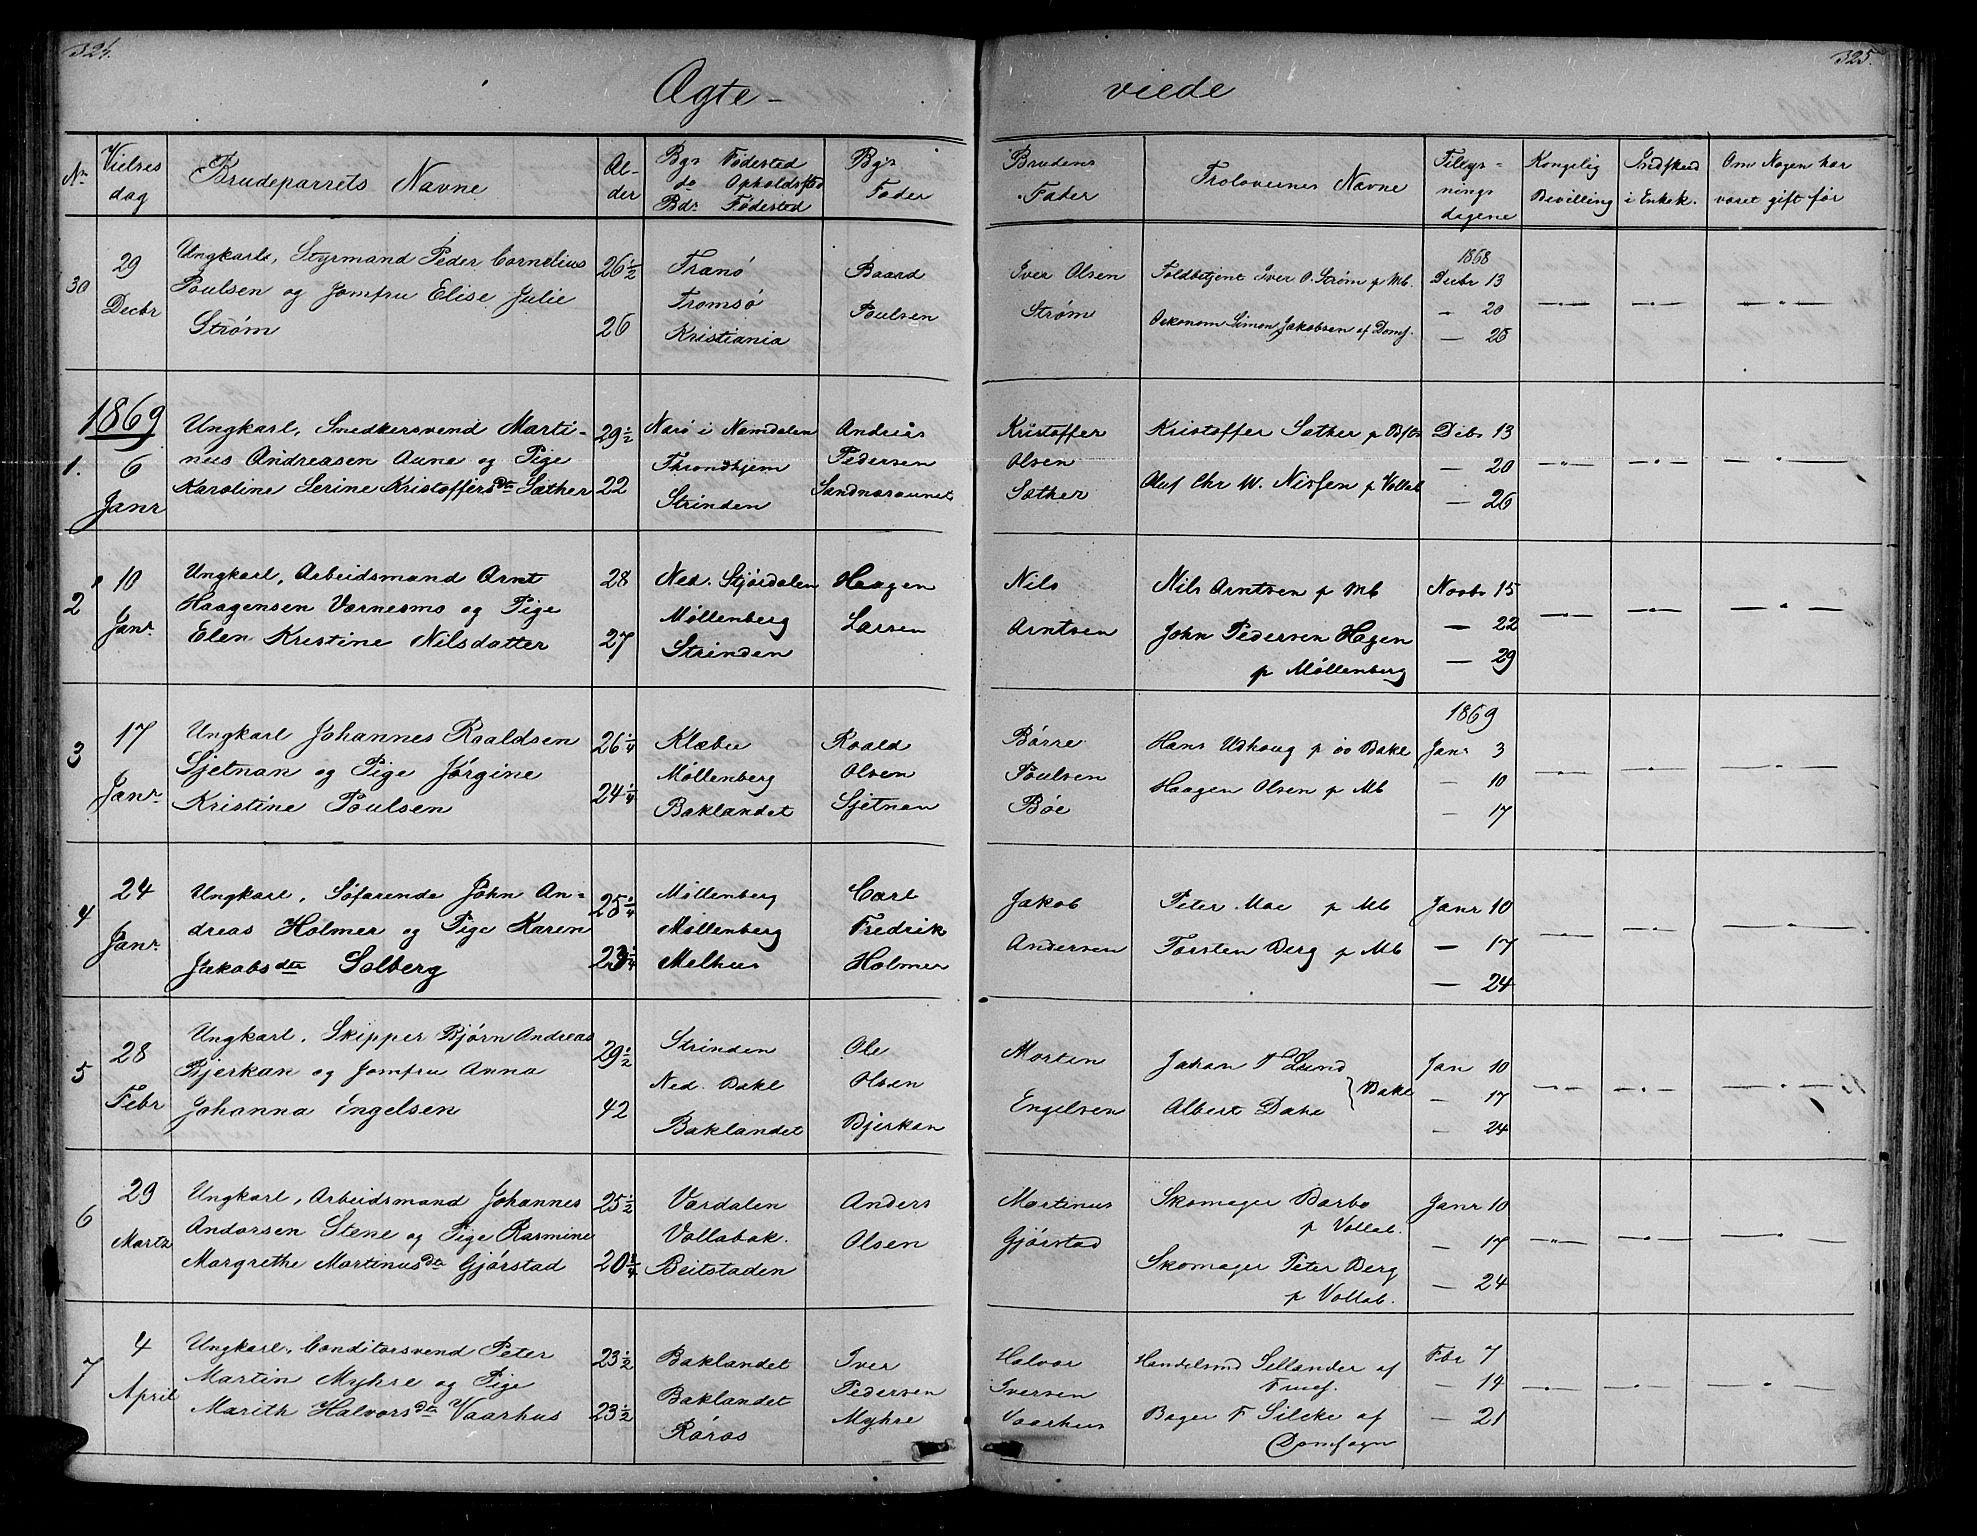 SAT, Ministerialprotokoller, klokkerbøker og fødselsregistre - Sør-Trøndelag, 604/L0219: Klokkerbok nr. 604C02, 1851-1869, s. 324-325